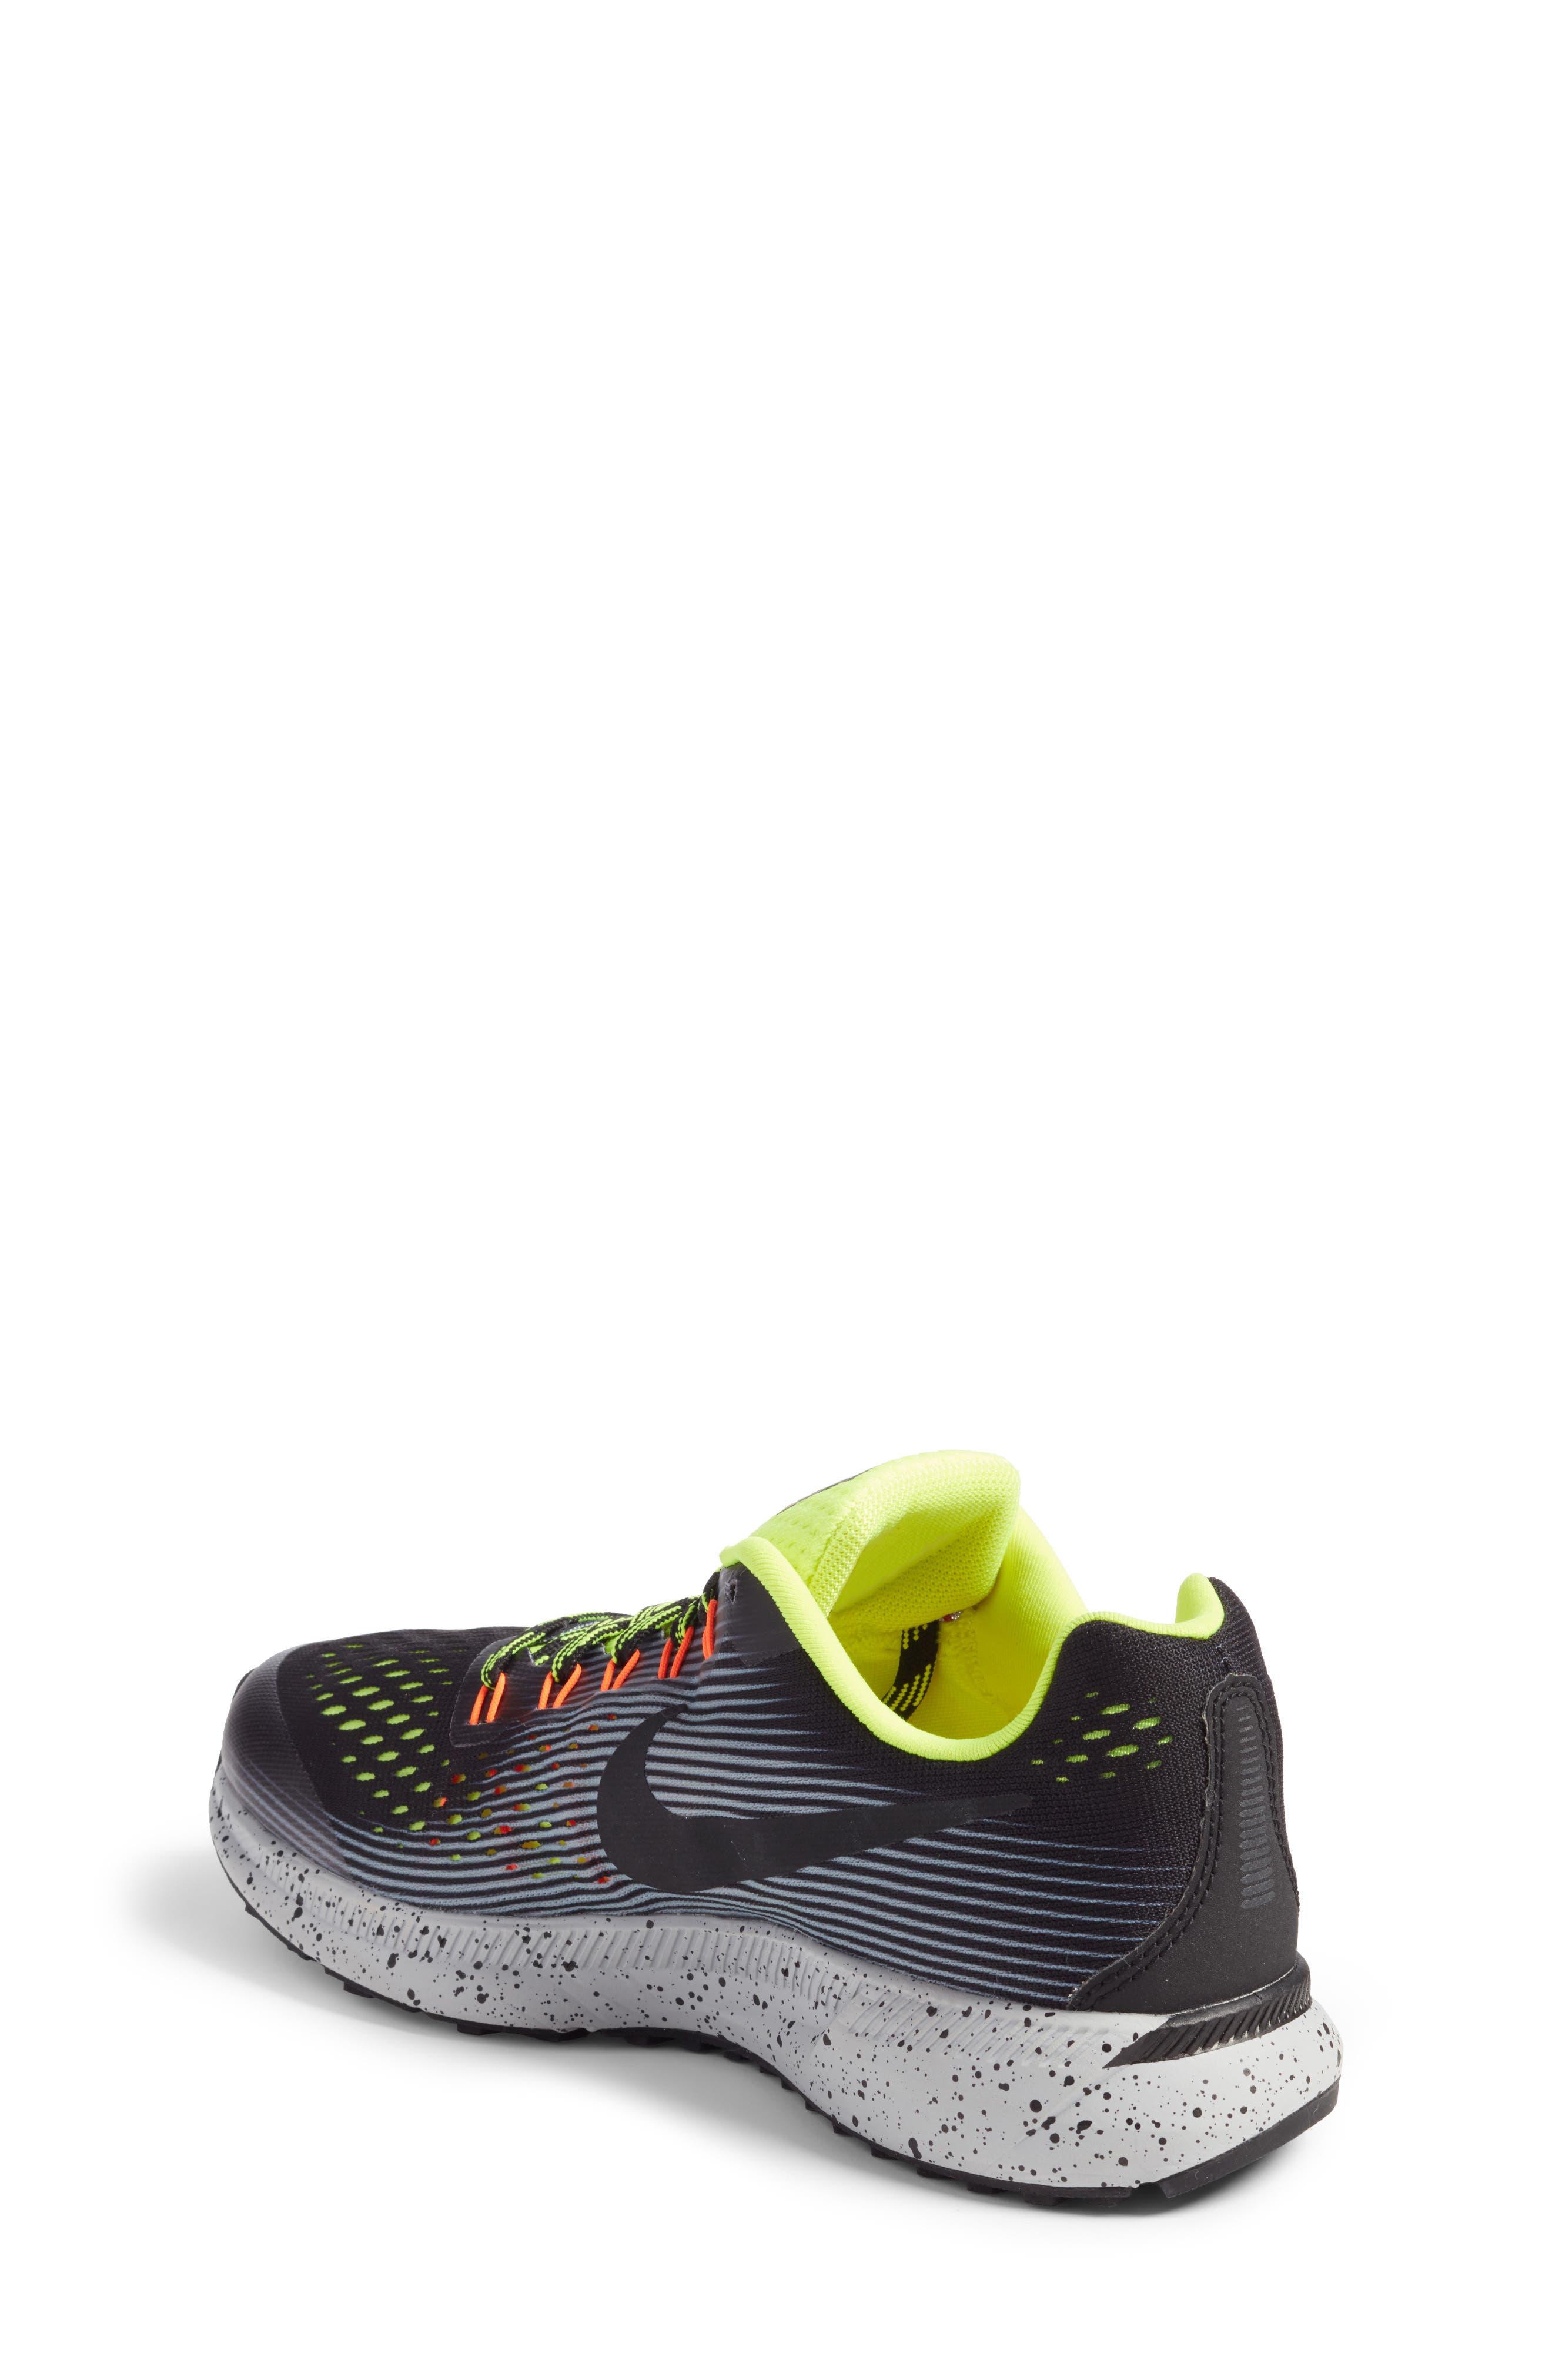 Alternate Image 2  - Nike Zoom Pegasus 34 Shield GS Sneaker (Little Kid & Big Kid)